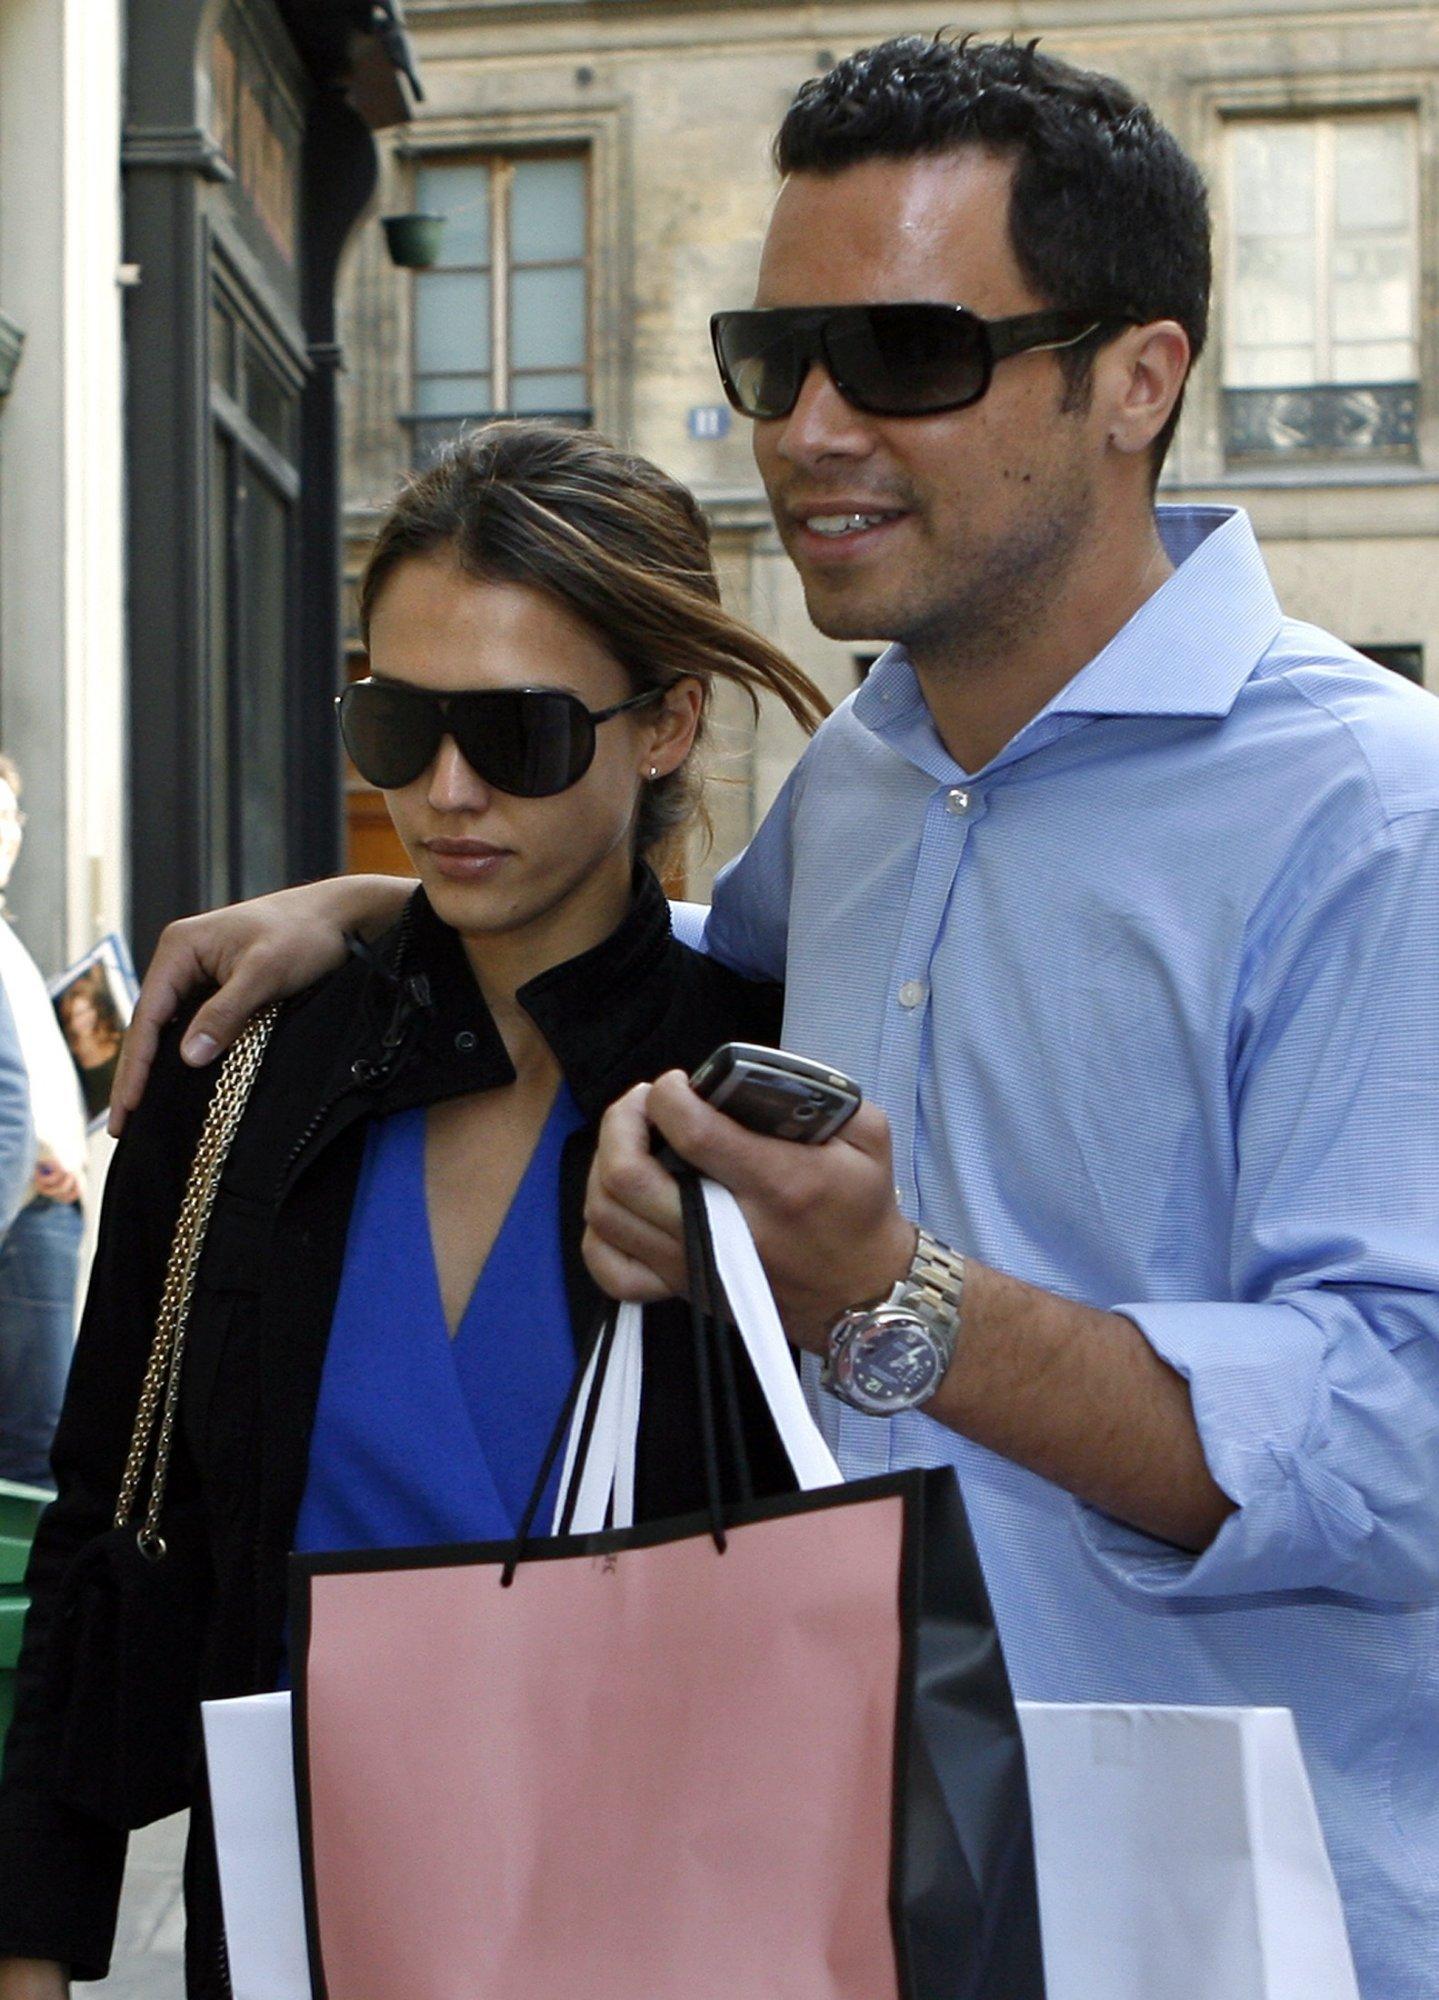 88790_06.07.2007_-_Jessica_und_Cash_nach_Shoppingtour_vorm_Hyatt_in_Paris_001_122_488lo.JPG